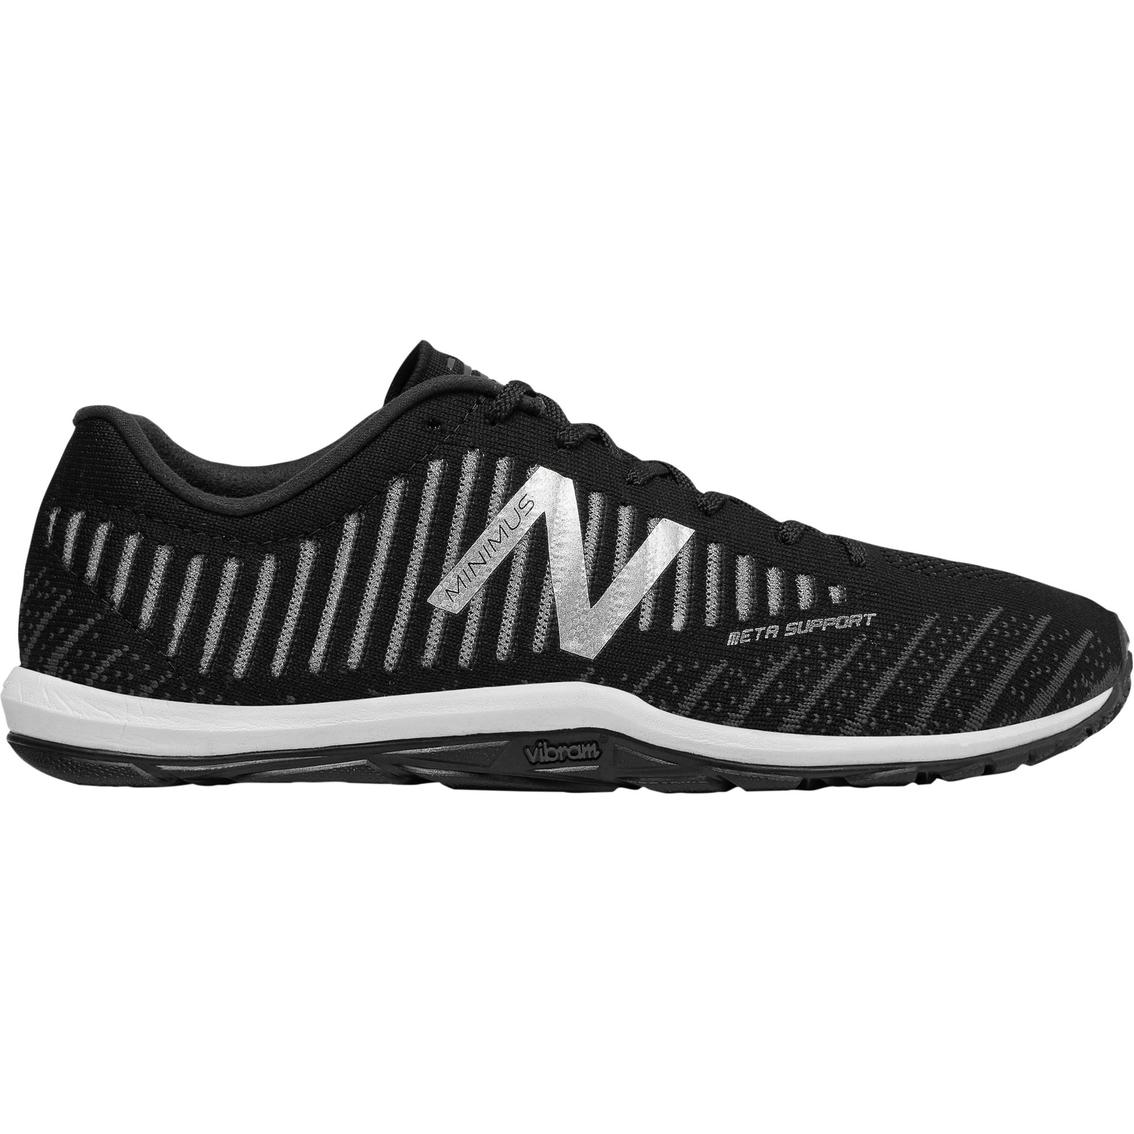 1f2829fb58c8e New Balance Men's Minimus Training Shoes Mx20bk7 | Cross Training ...